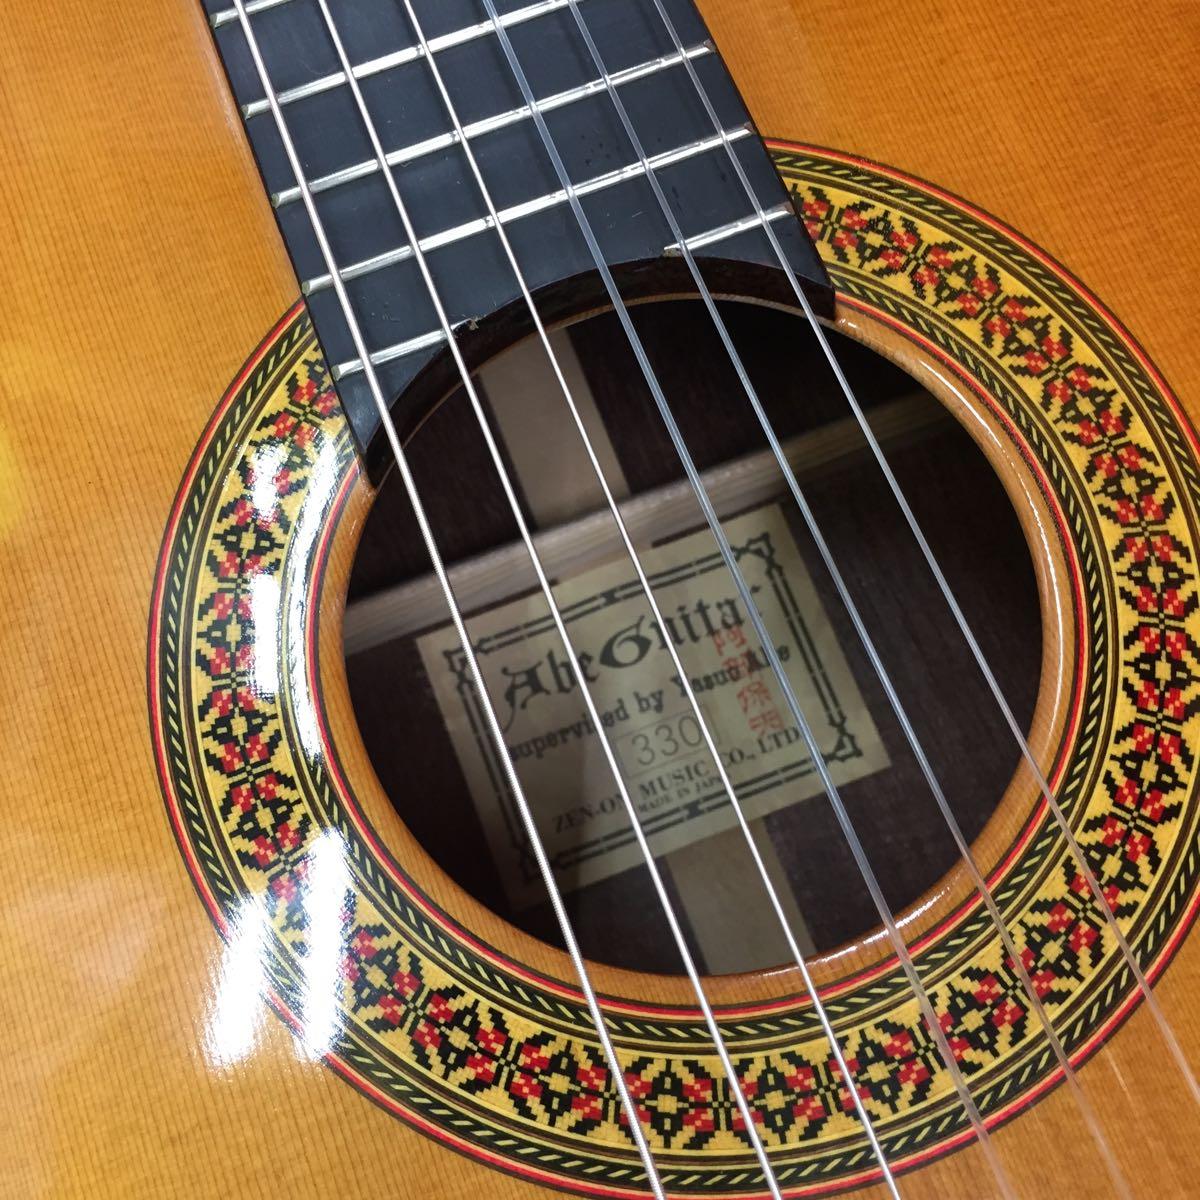 中古 Abe guitar 330 TOP単板 美品 日本製 630mmスケール 調整済 ハードケース付 _画像3